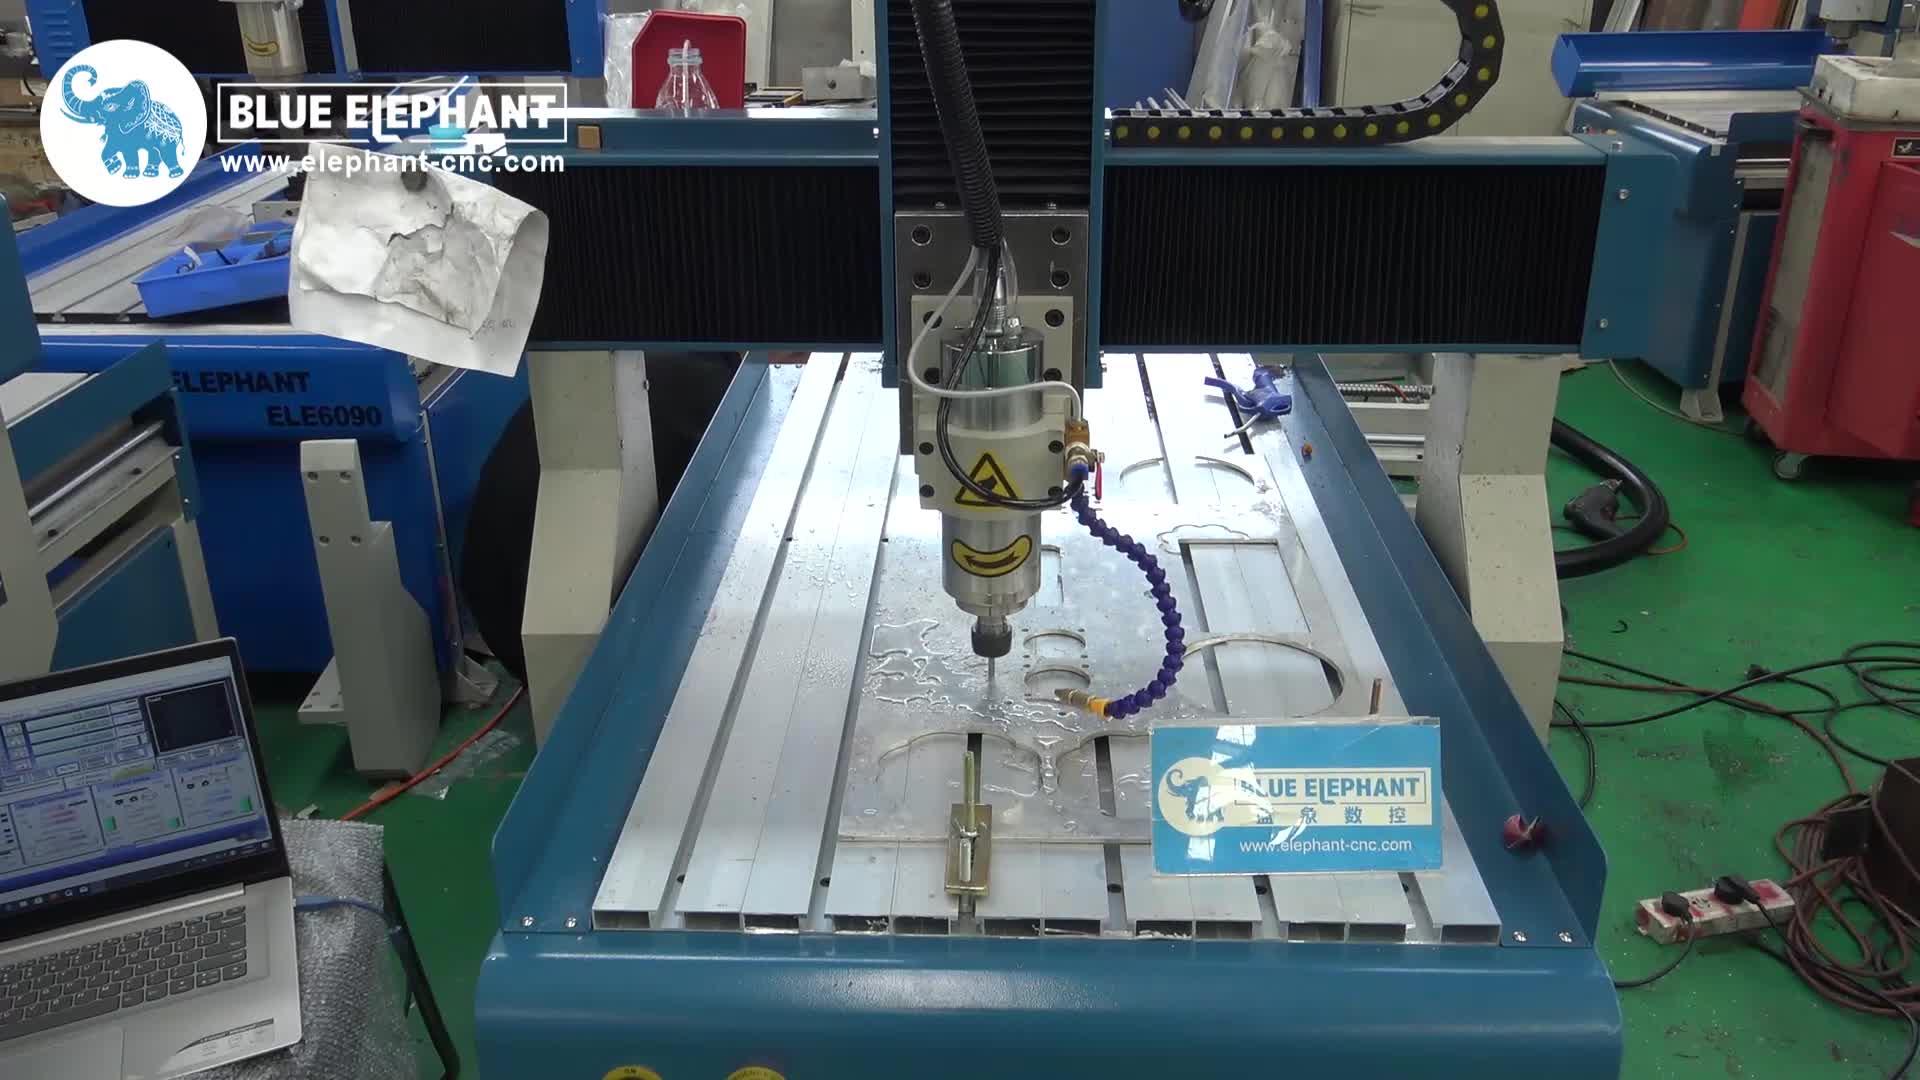 Chine passe-temps cnc routeur métal machine de découpe/dsp contrôleur cnc routeur/mini-routeur de commande numérique par ordinateur de bureau